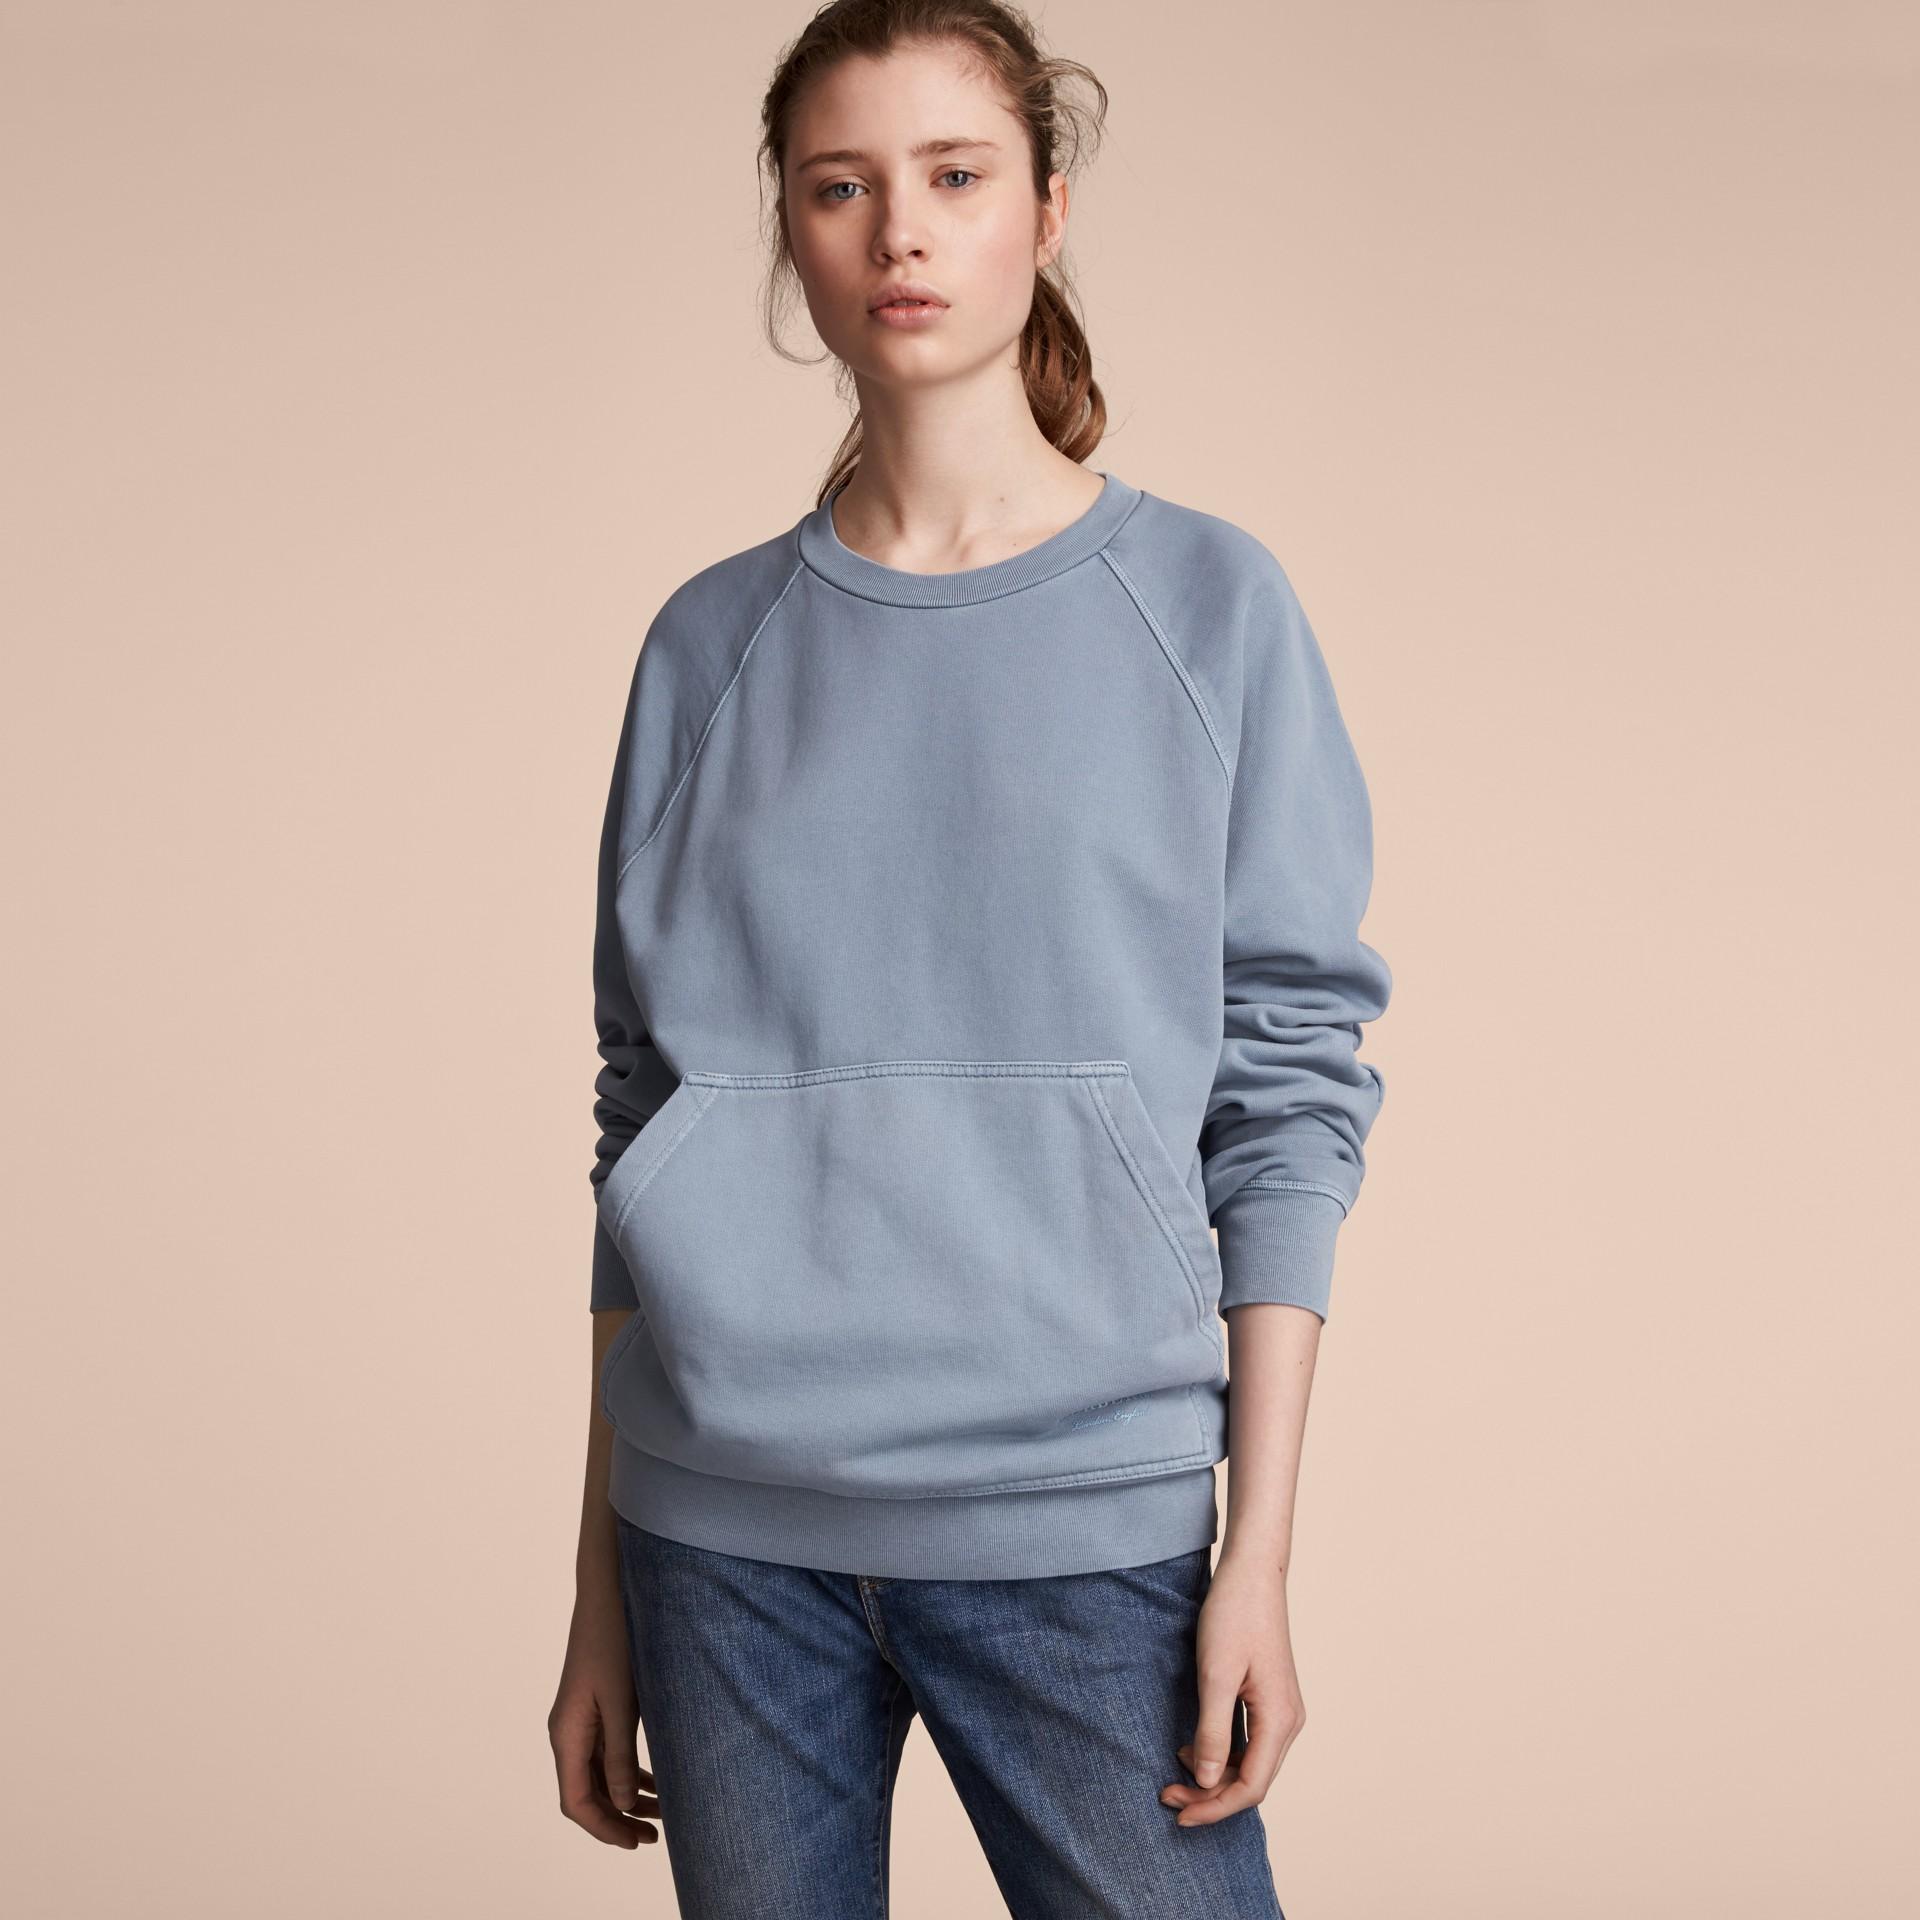 Sweat-shirt oversize unisexe en coton teint avec des colorants pigmentaires (Bleu Cendré) - Femme | Burberry - photo de la galerie 6